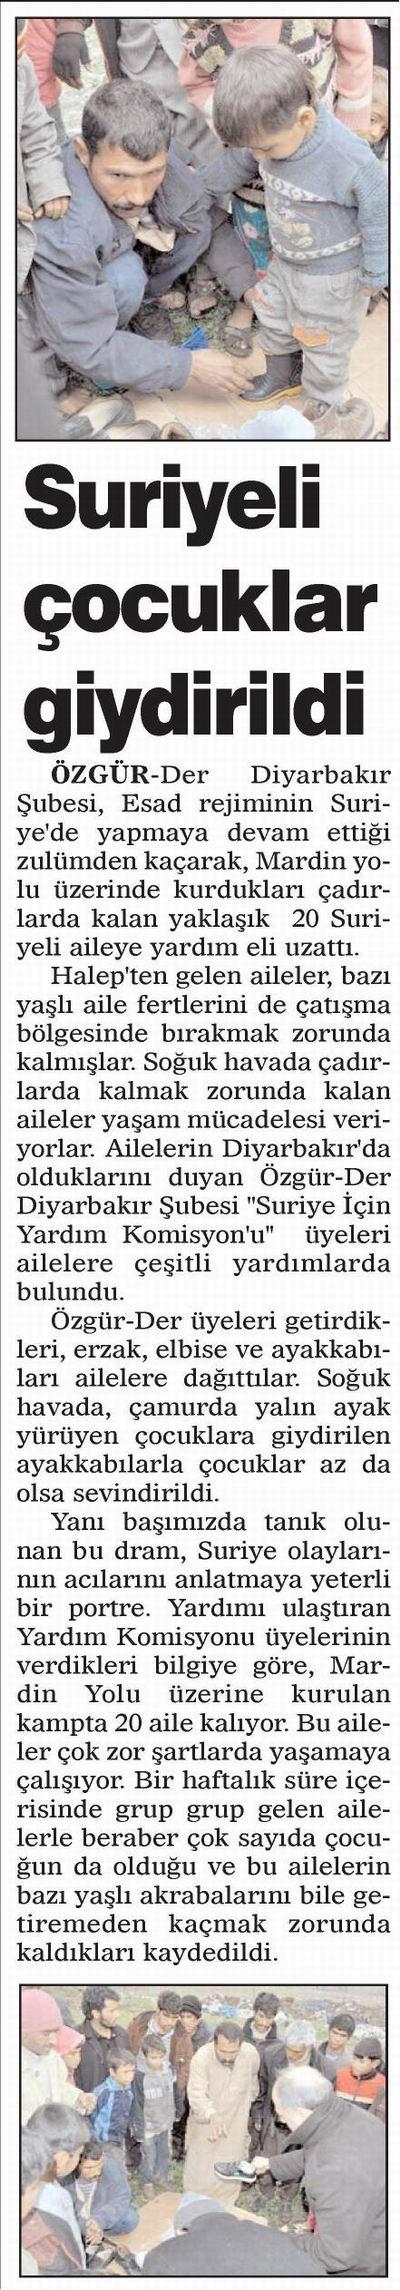 oz+diyarbakir_20130110_7.jpg